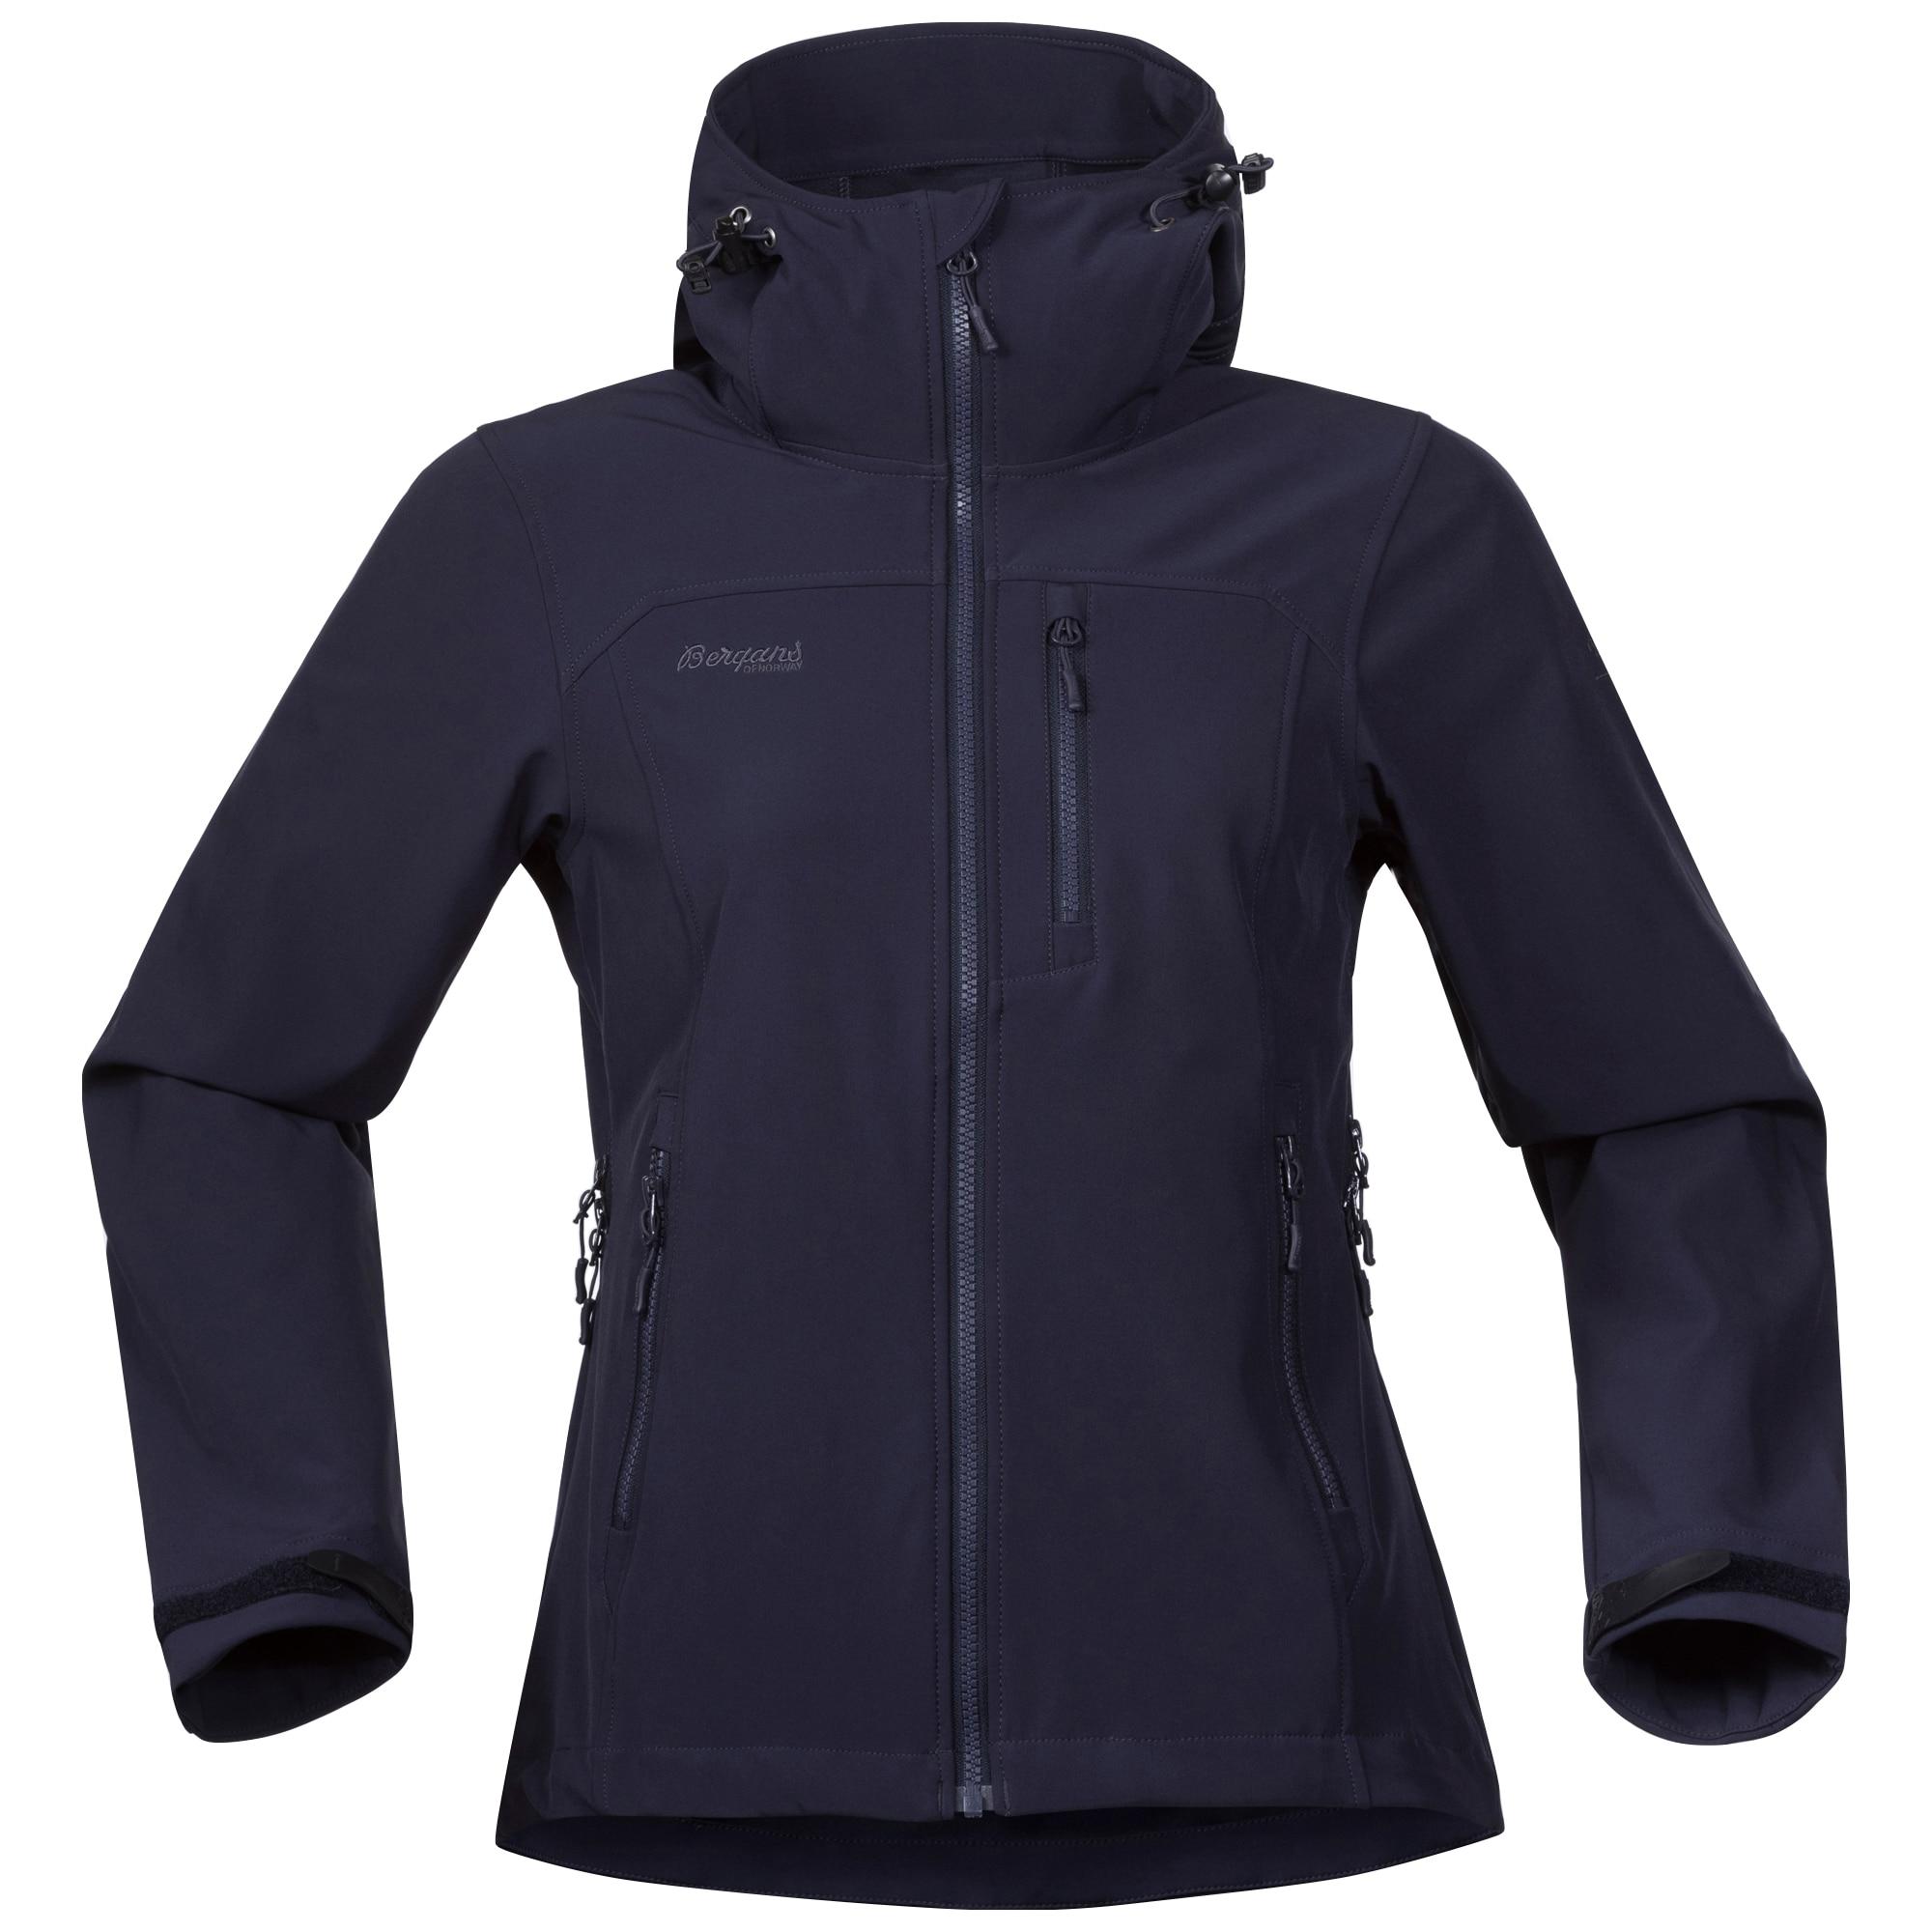 Stegaros Lady Jacket